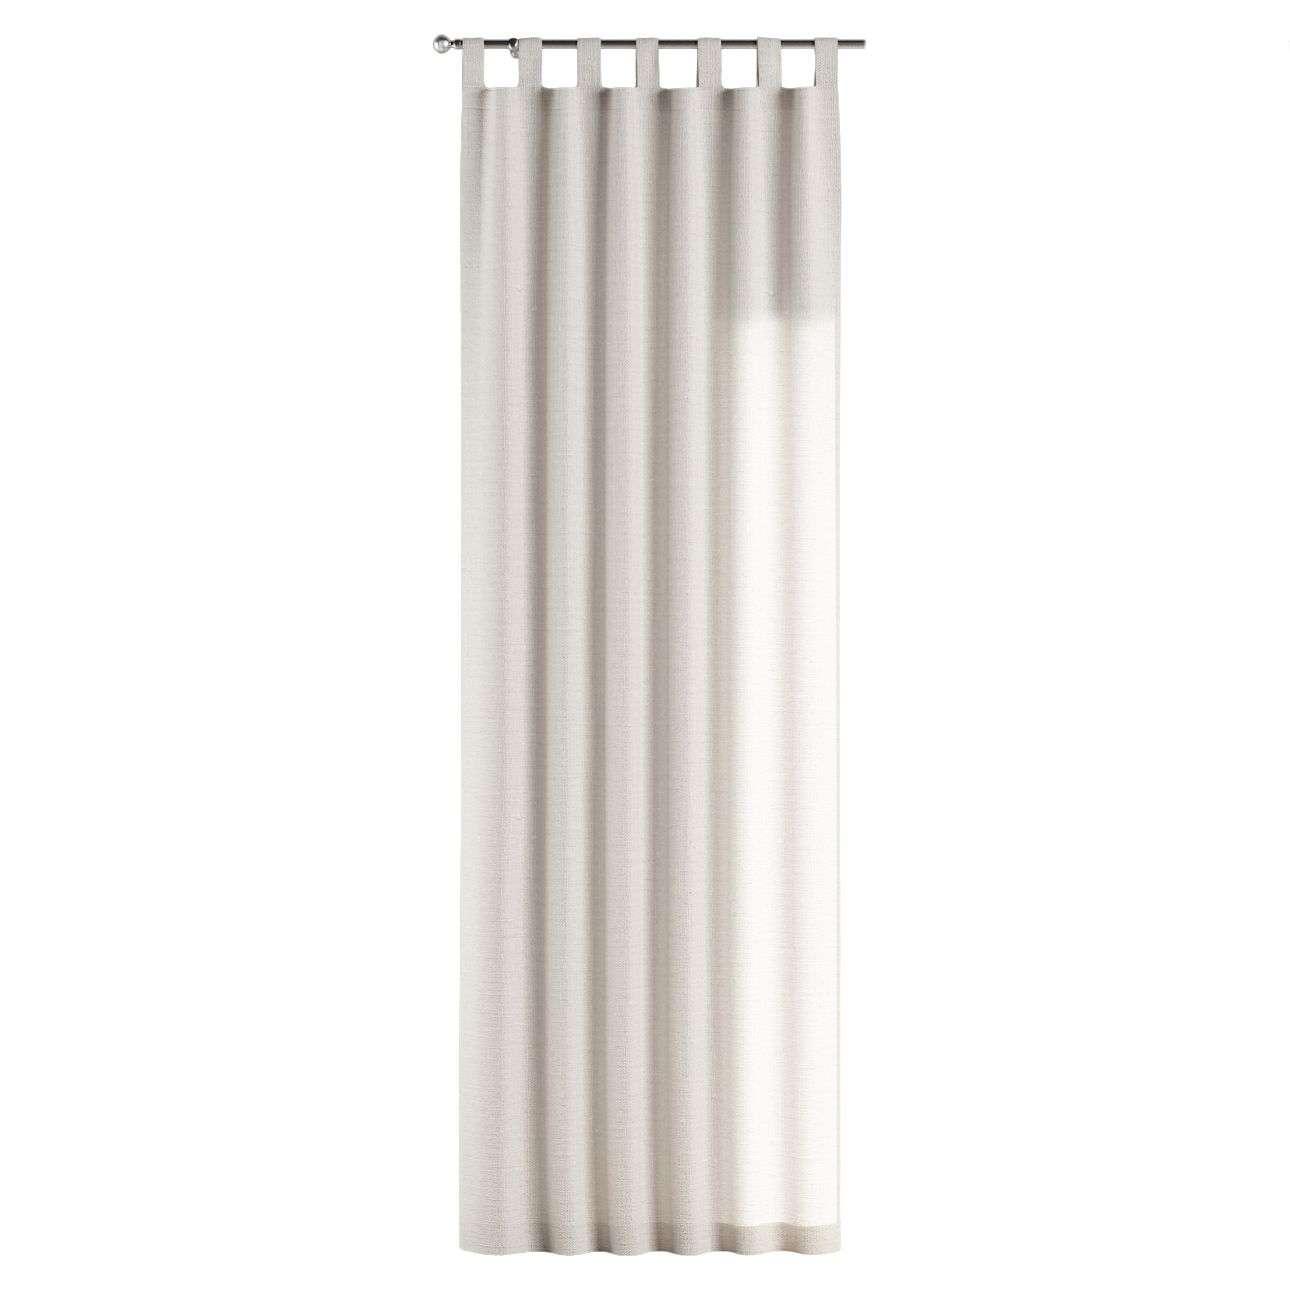 Gardin med stropper 130 x 260 cm fra kollektionen Linen, Stof: 392-04